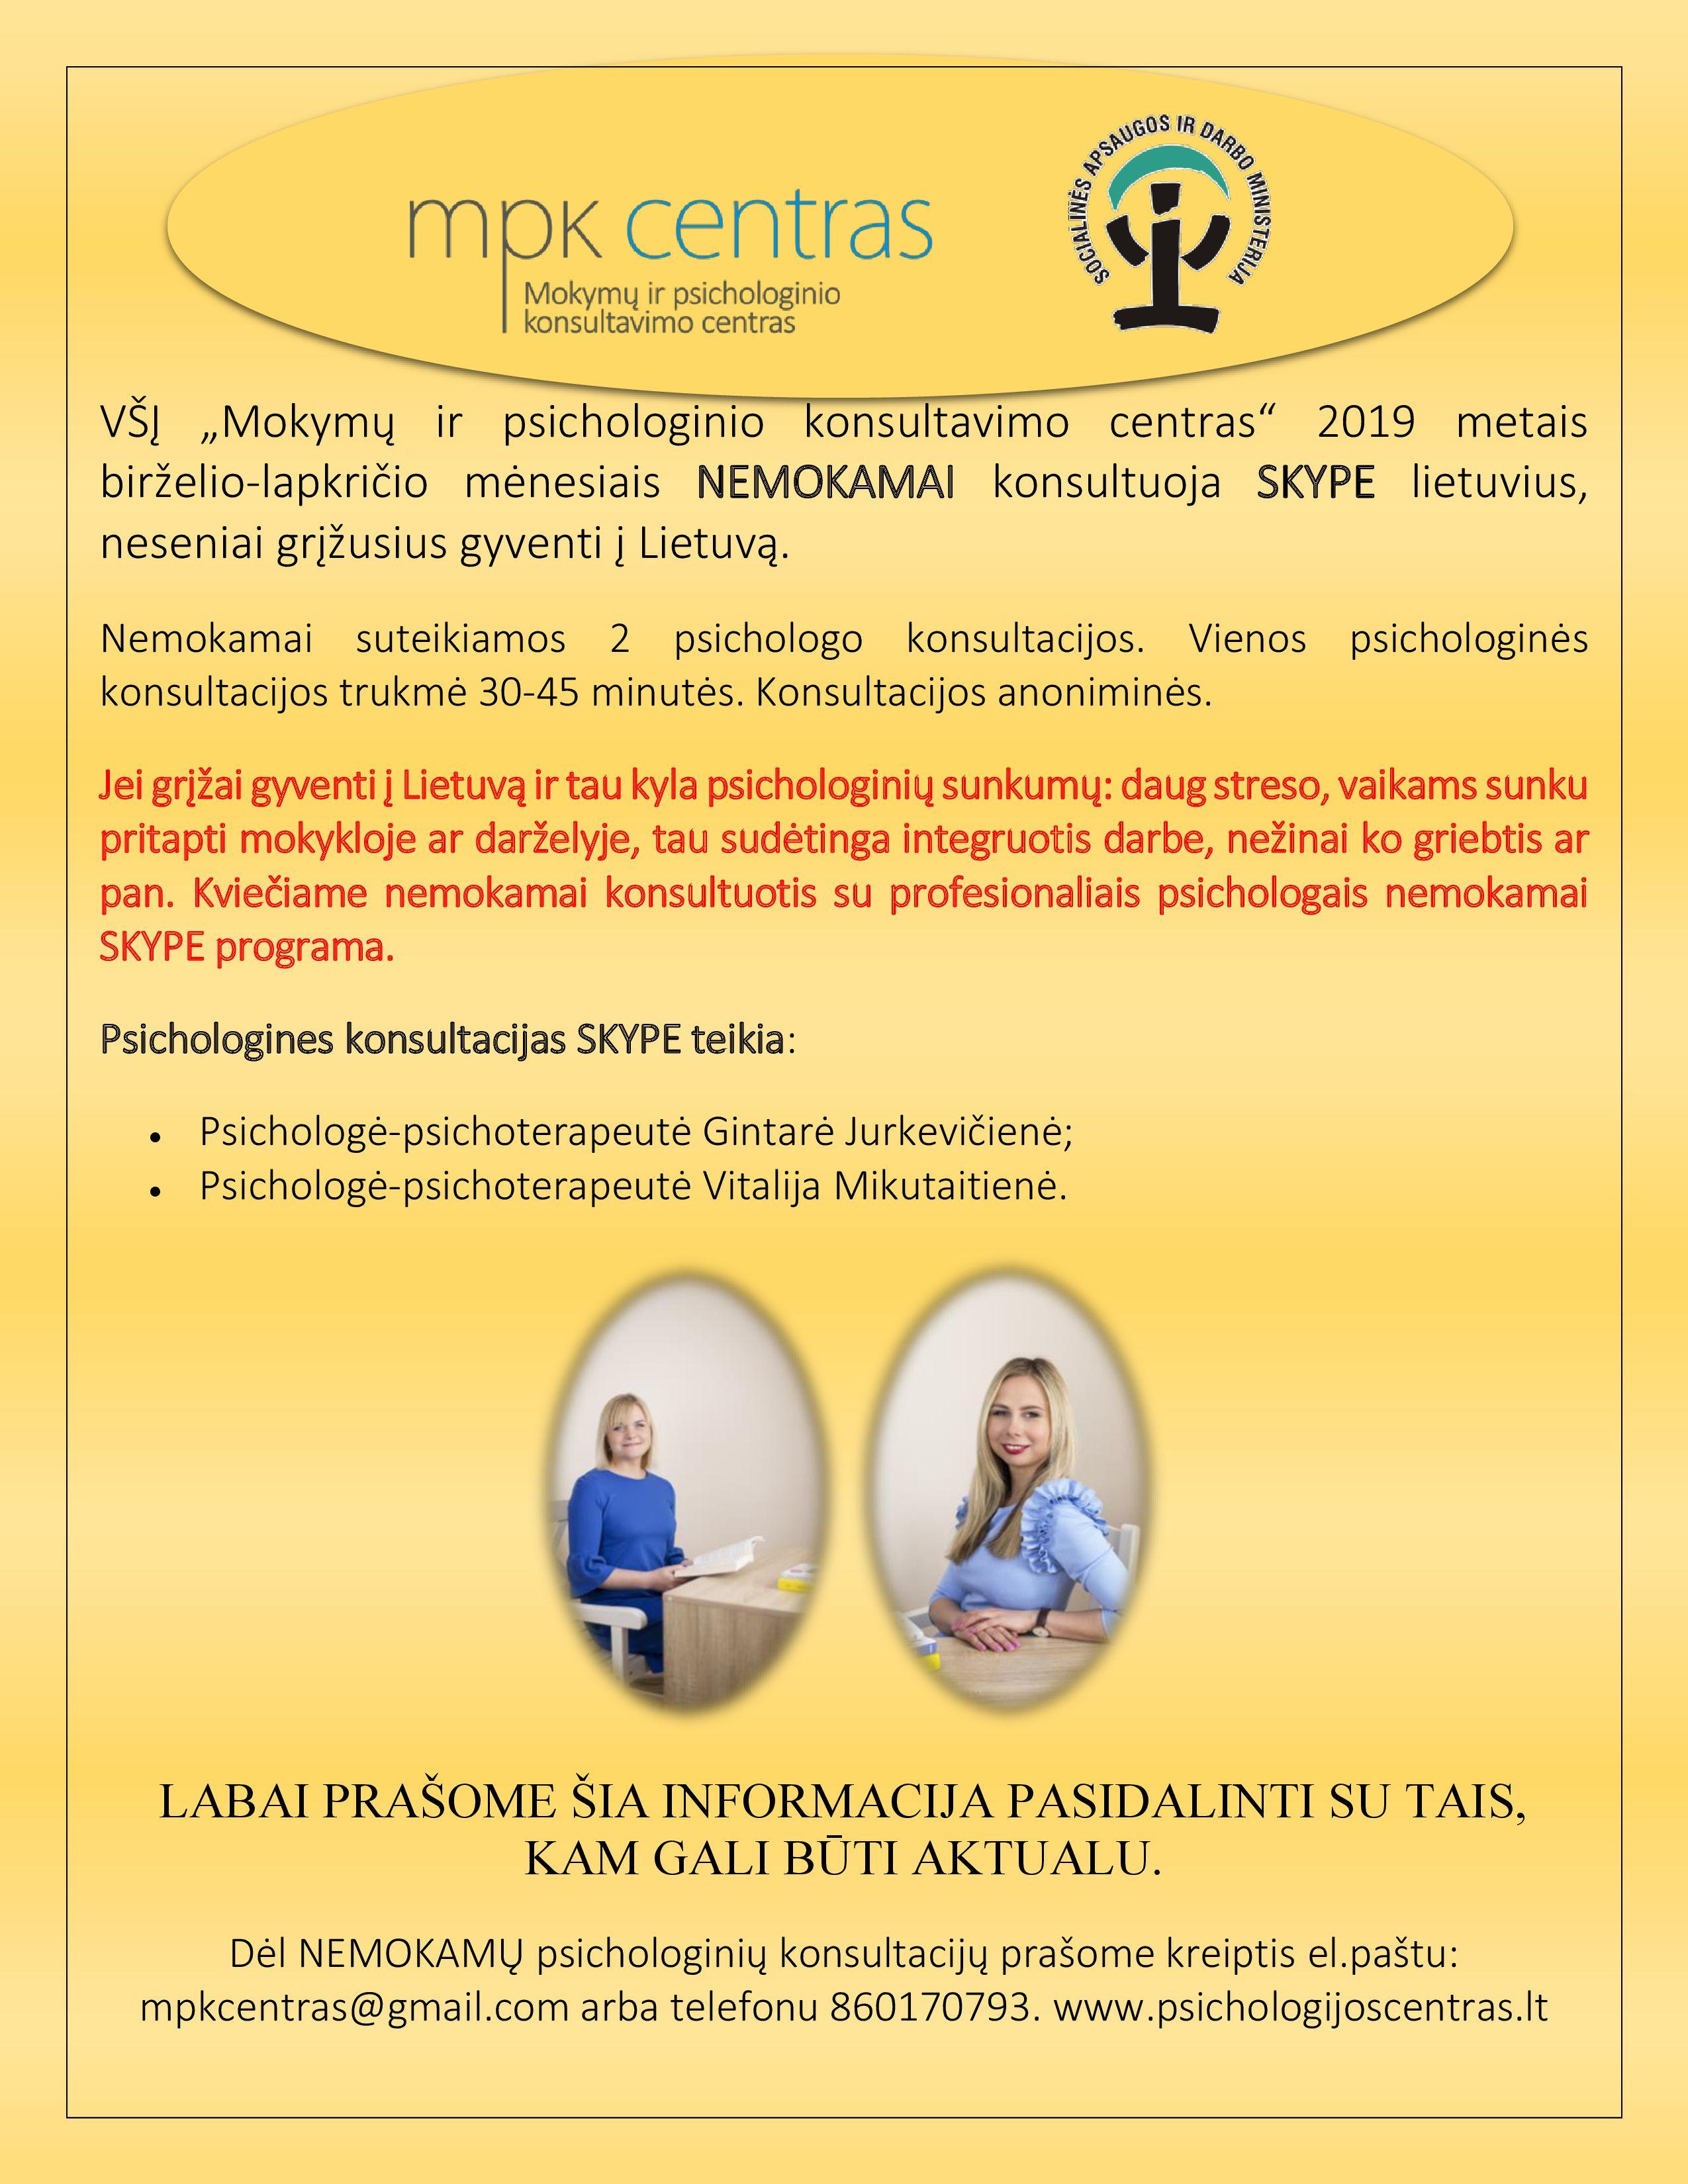 nemokama skype psichologo konsultacijas iš emigracijos grįžusiems lietuviams